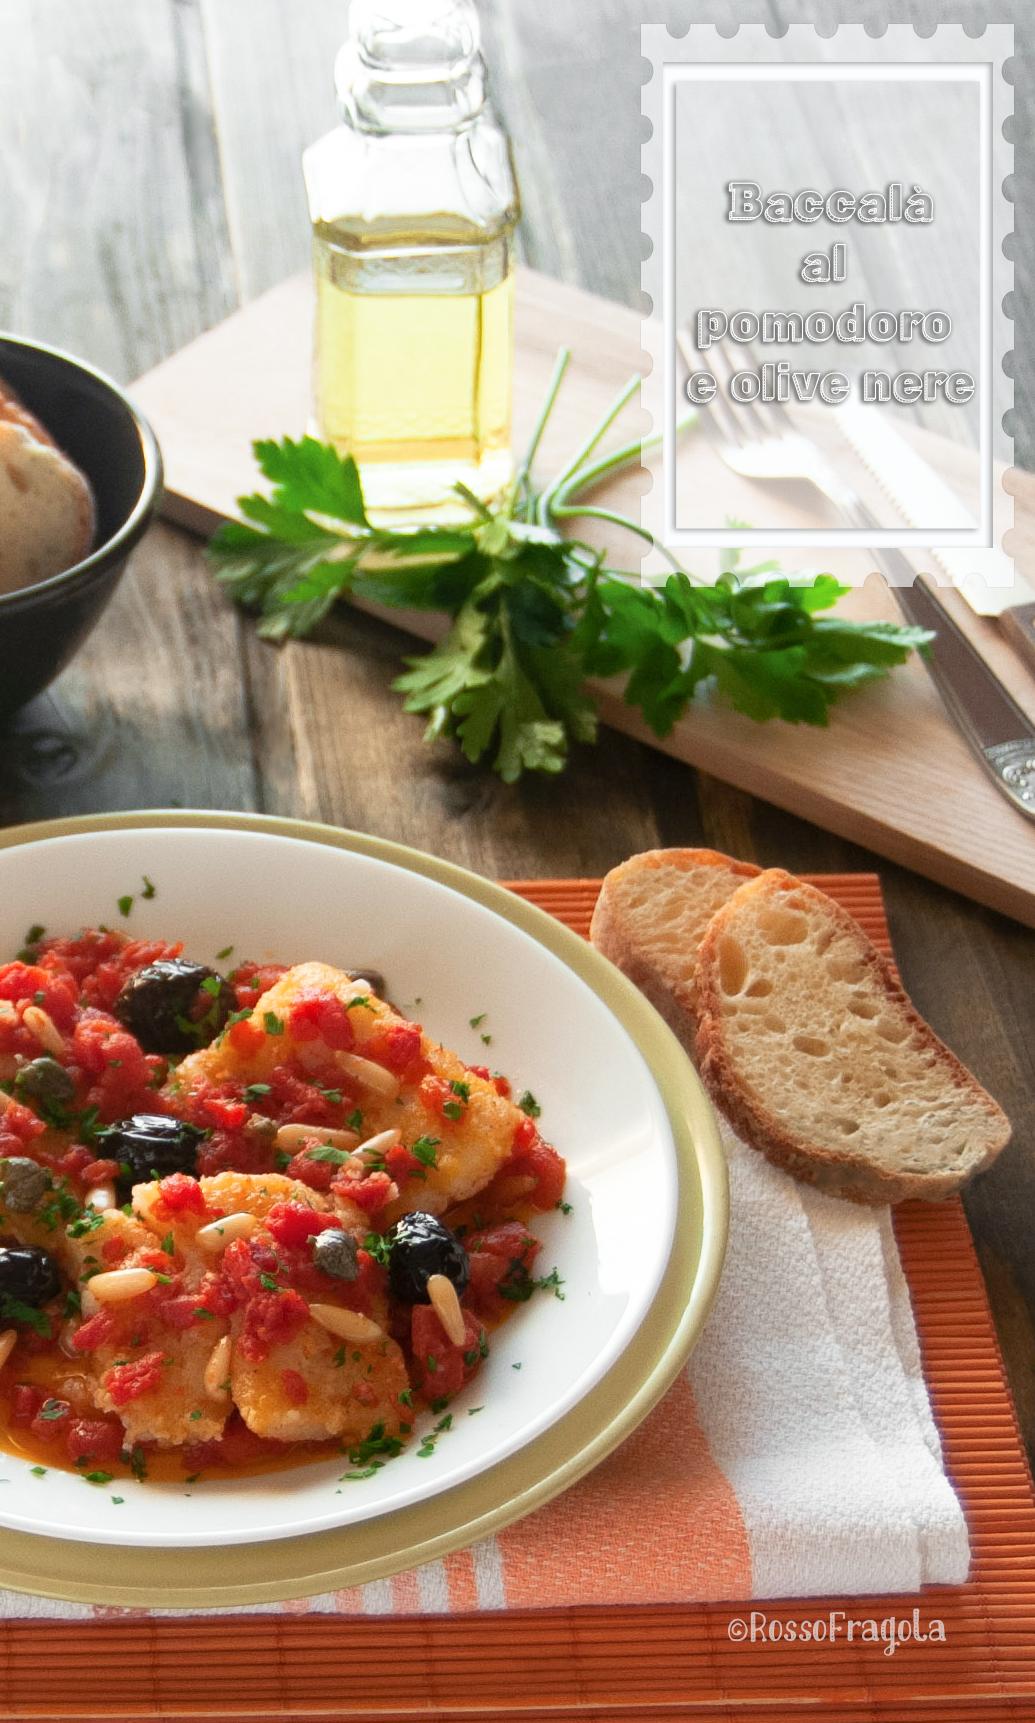 Baccalà al pomodoro e olive nere